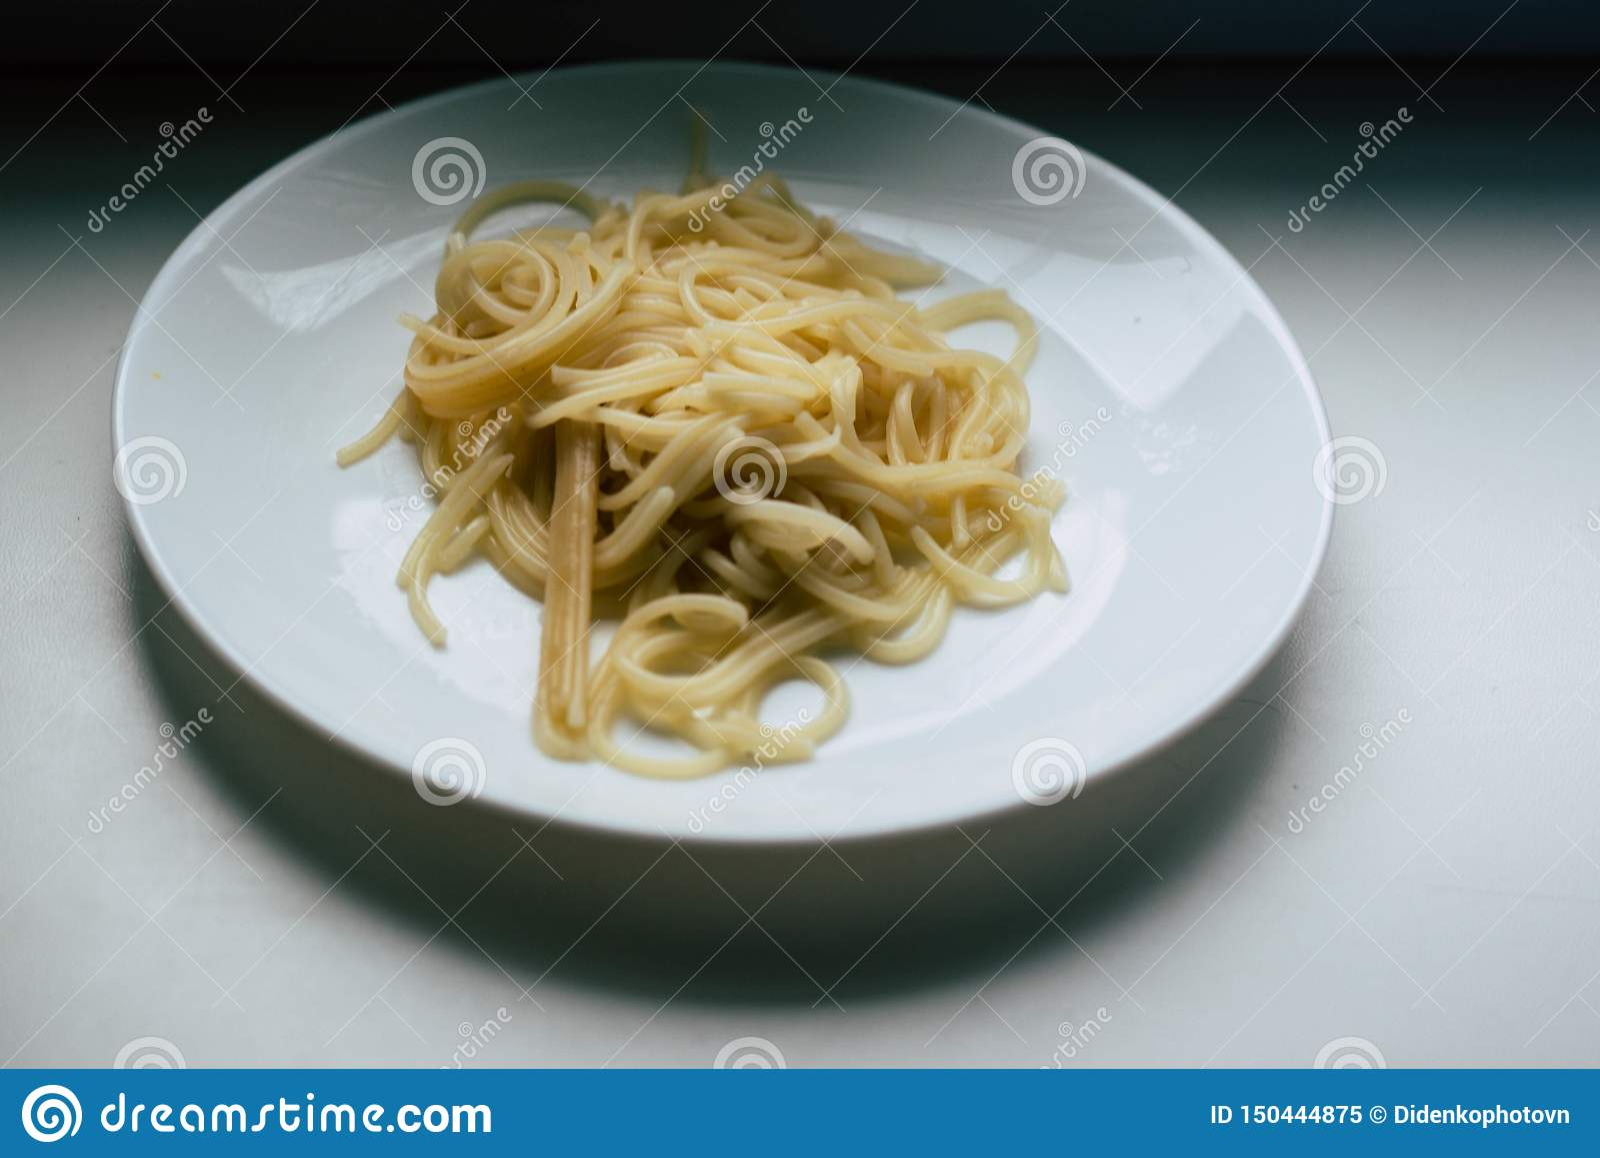 Spaghetti d un plat blanc